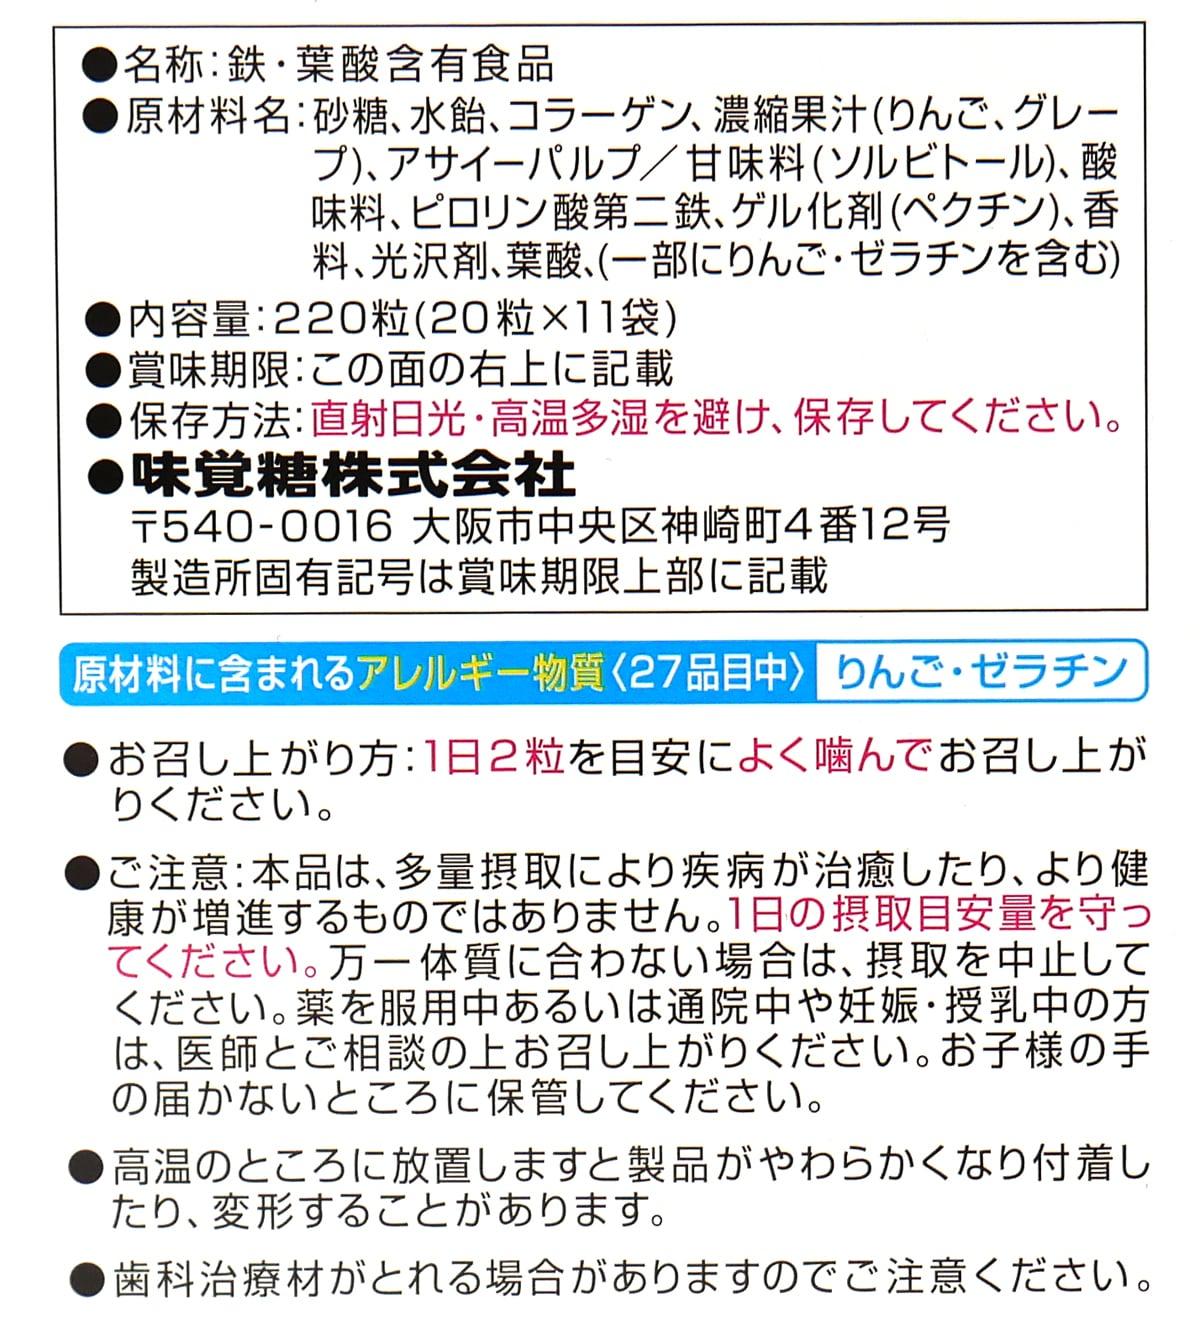 UHAグミサプリ 鉄&葉酸 220粒入 裏面ラベル(原材料ほか)